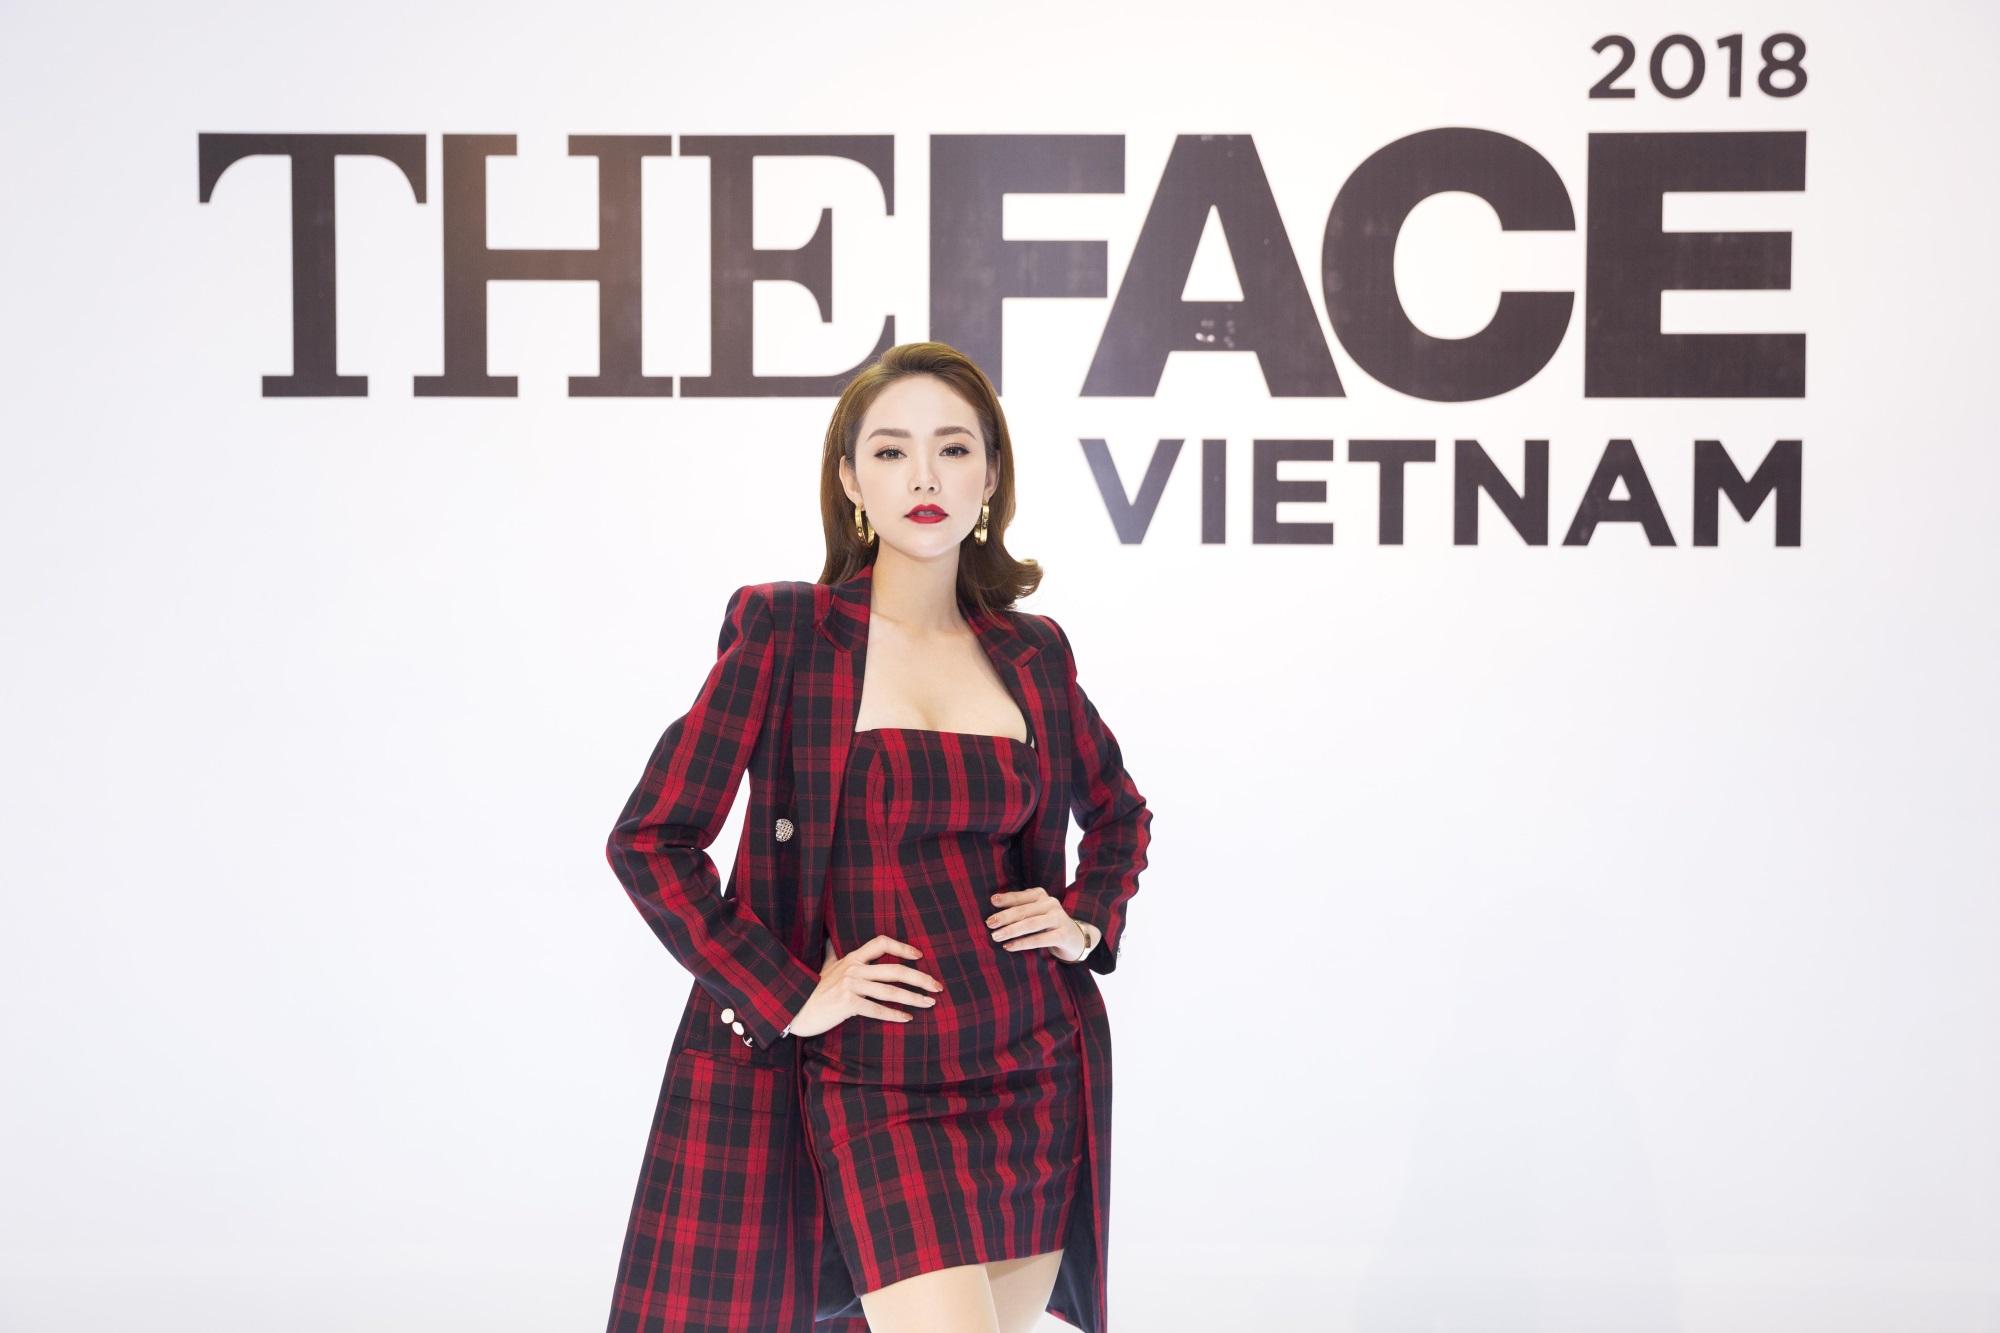 Sau khi lọt top sao mặc thảm họa, Minh Hằng lột xác ngoạn mục tại vòng casting The Face ở Hà Nội - Ảnh 4